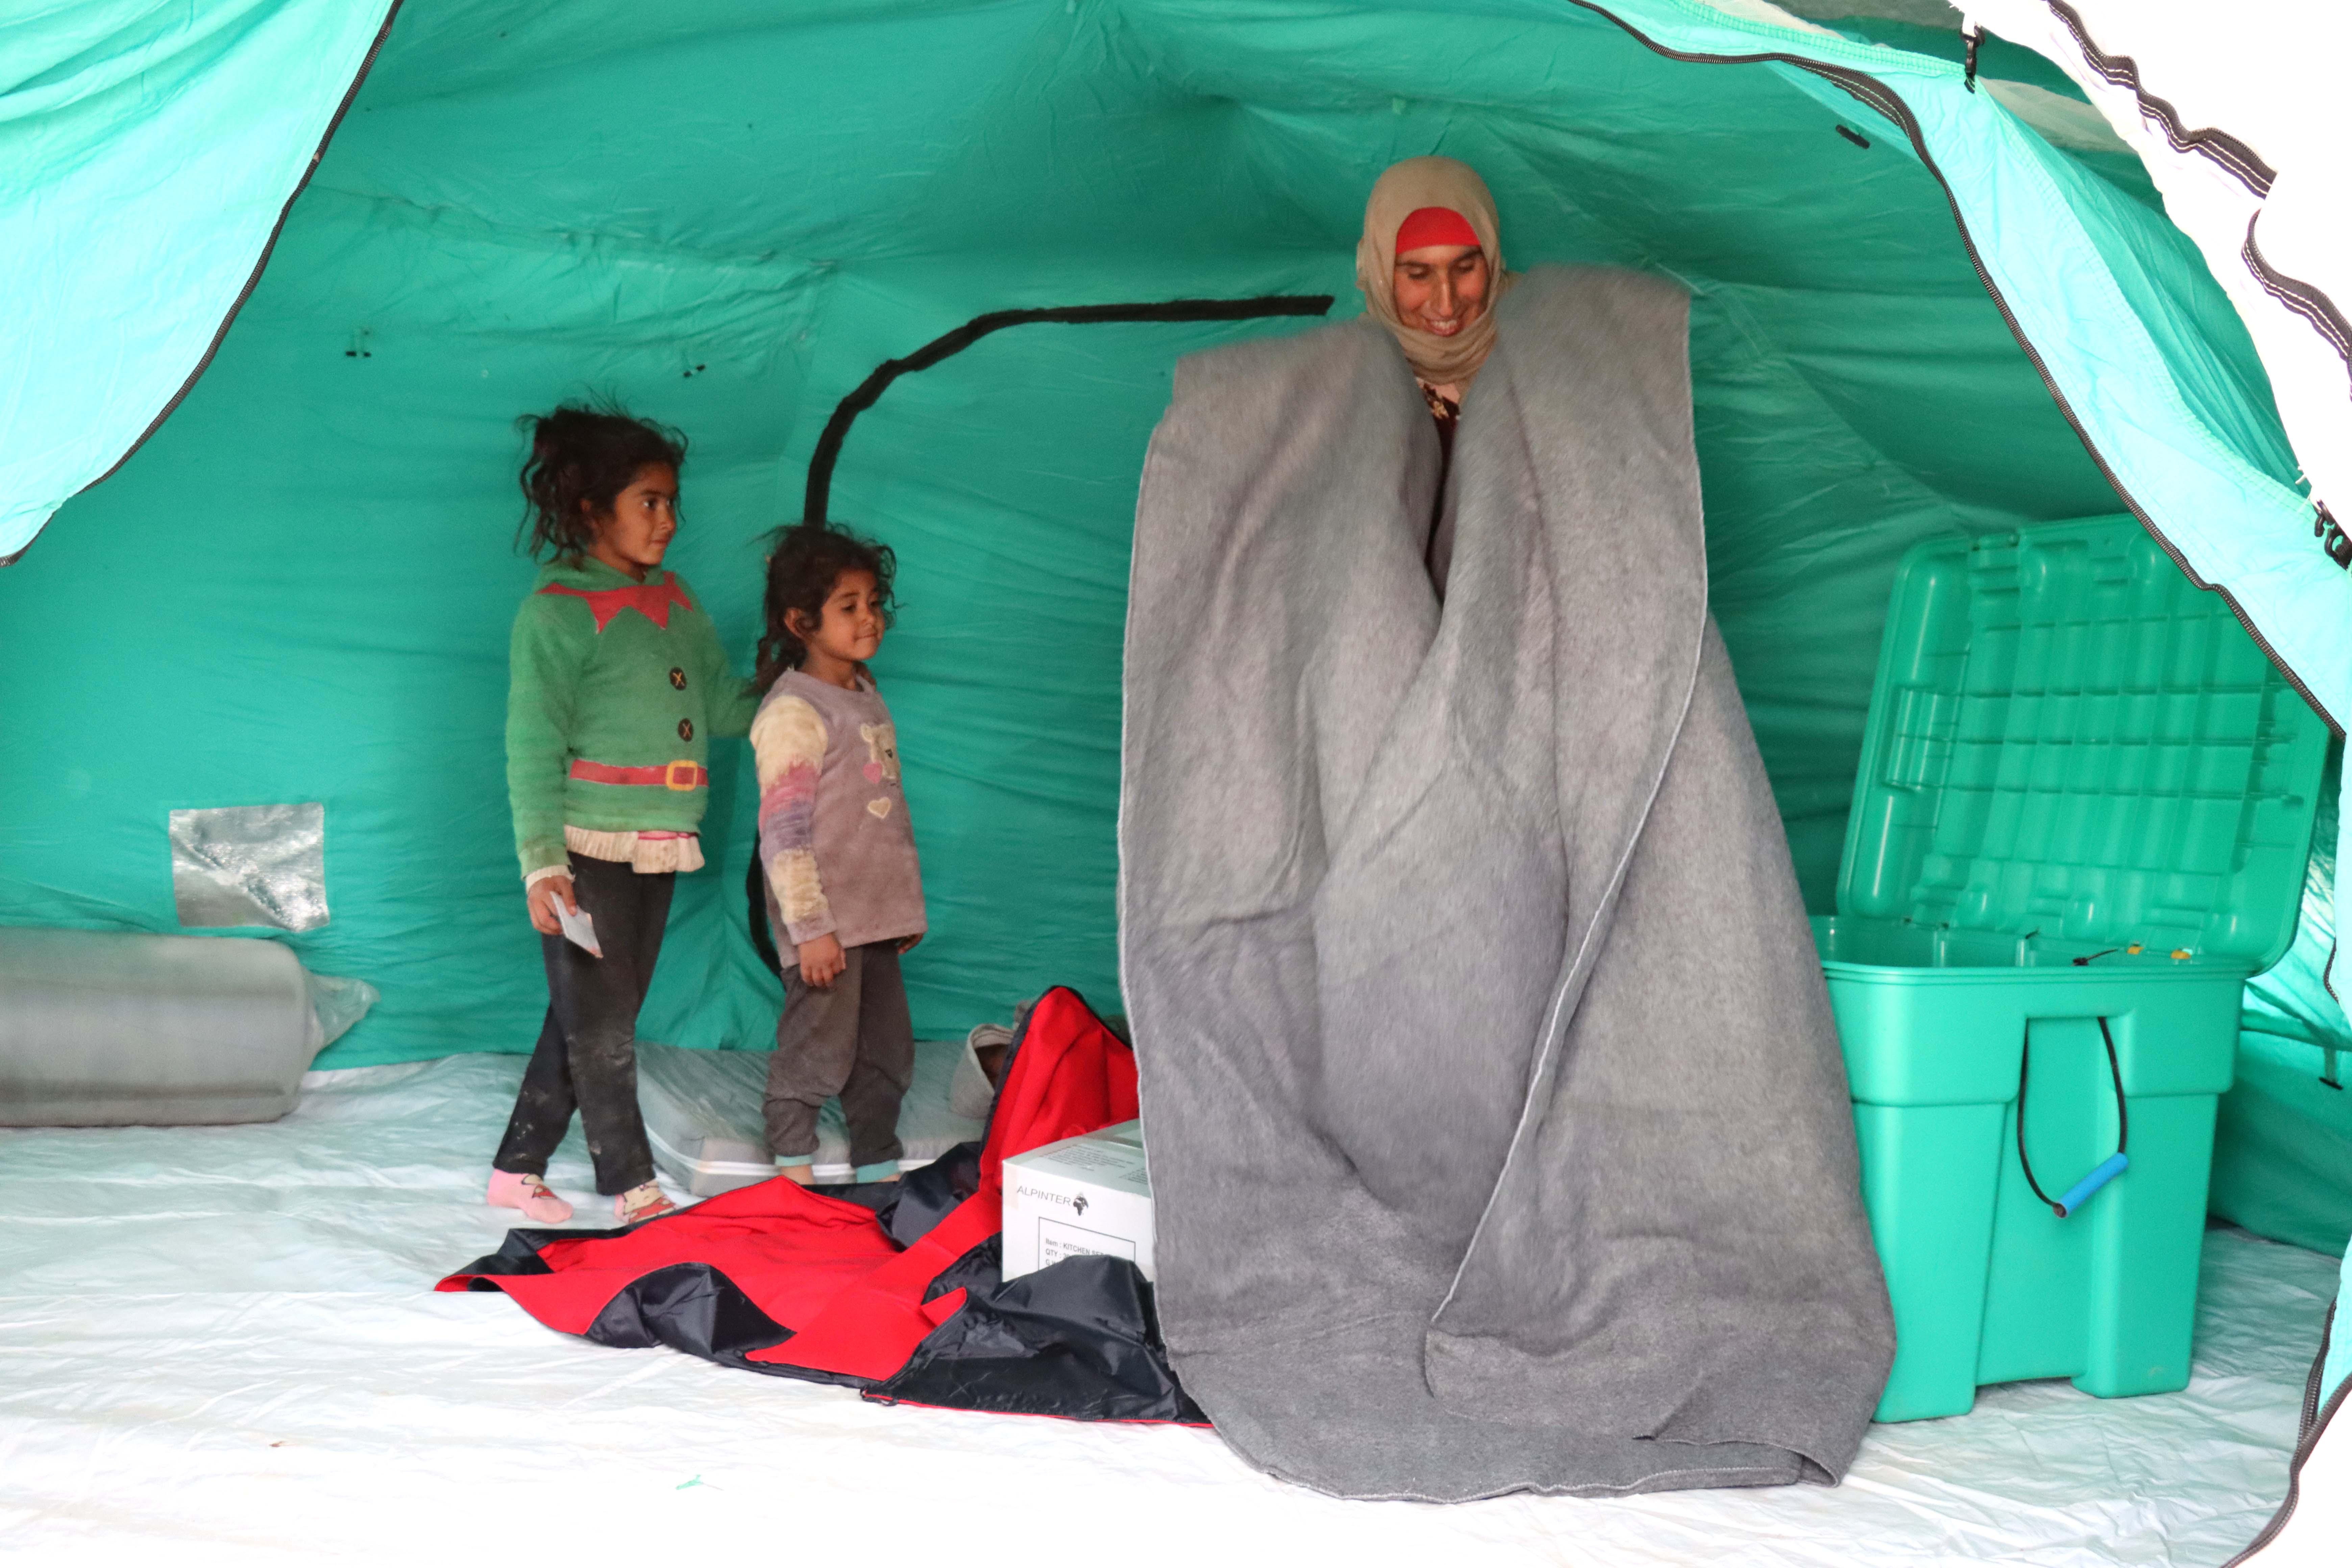 Eine Frau mit Kopftuch steht in einem Zelt und packt eine Decke aus einer großen grünen Kiste aus und lächelt. Zwei kleine Mädchen stehen neben ihr und bestaunen die Decke.